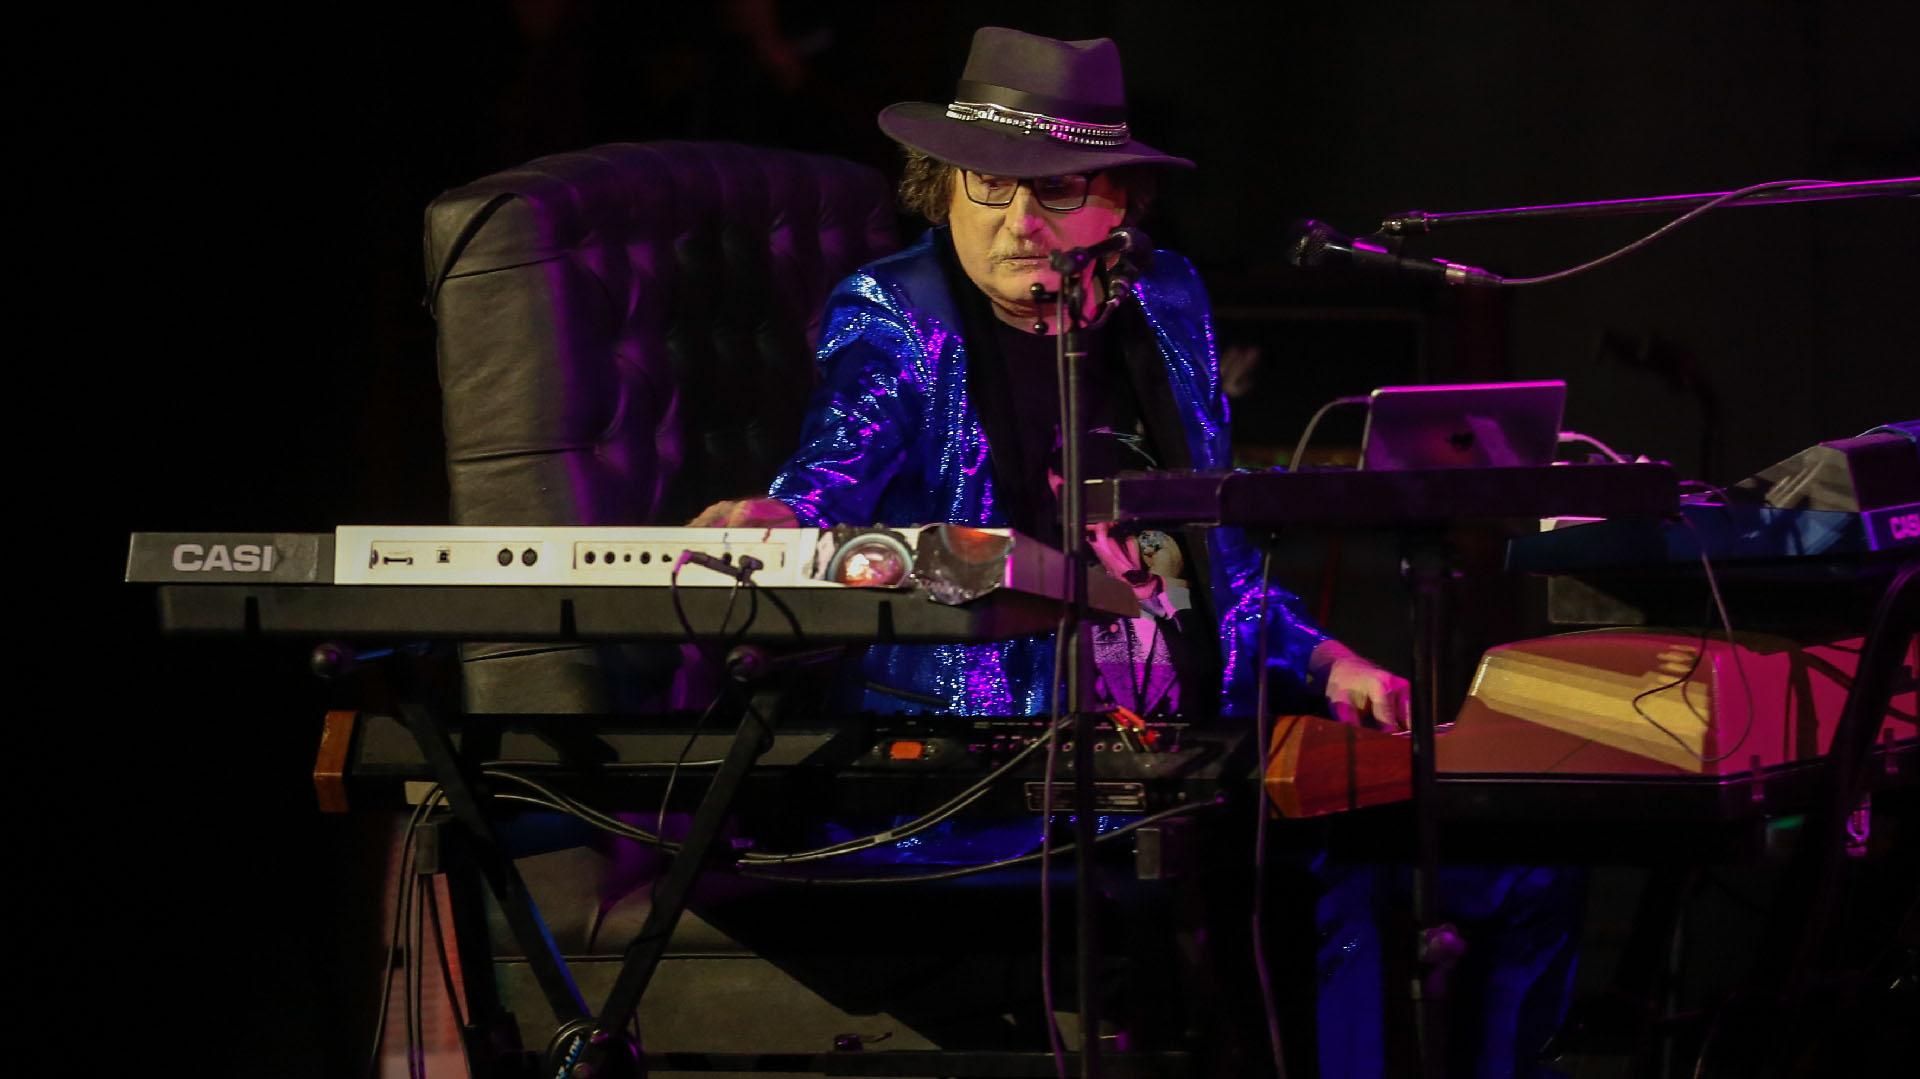 Charly y su teclado mágico